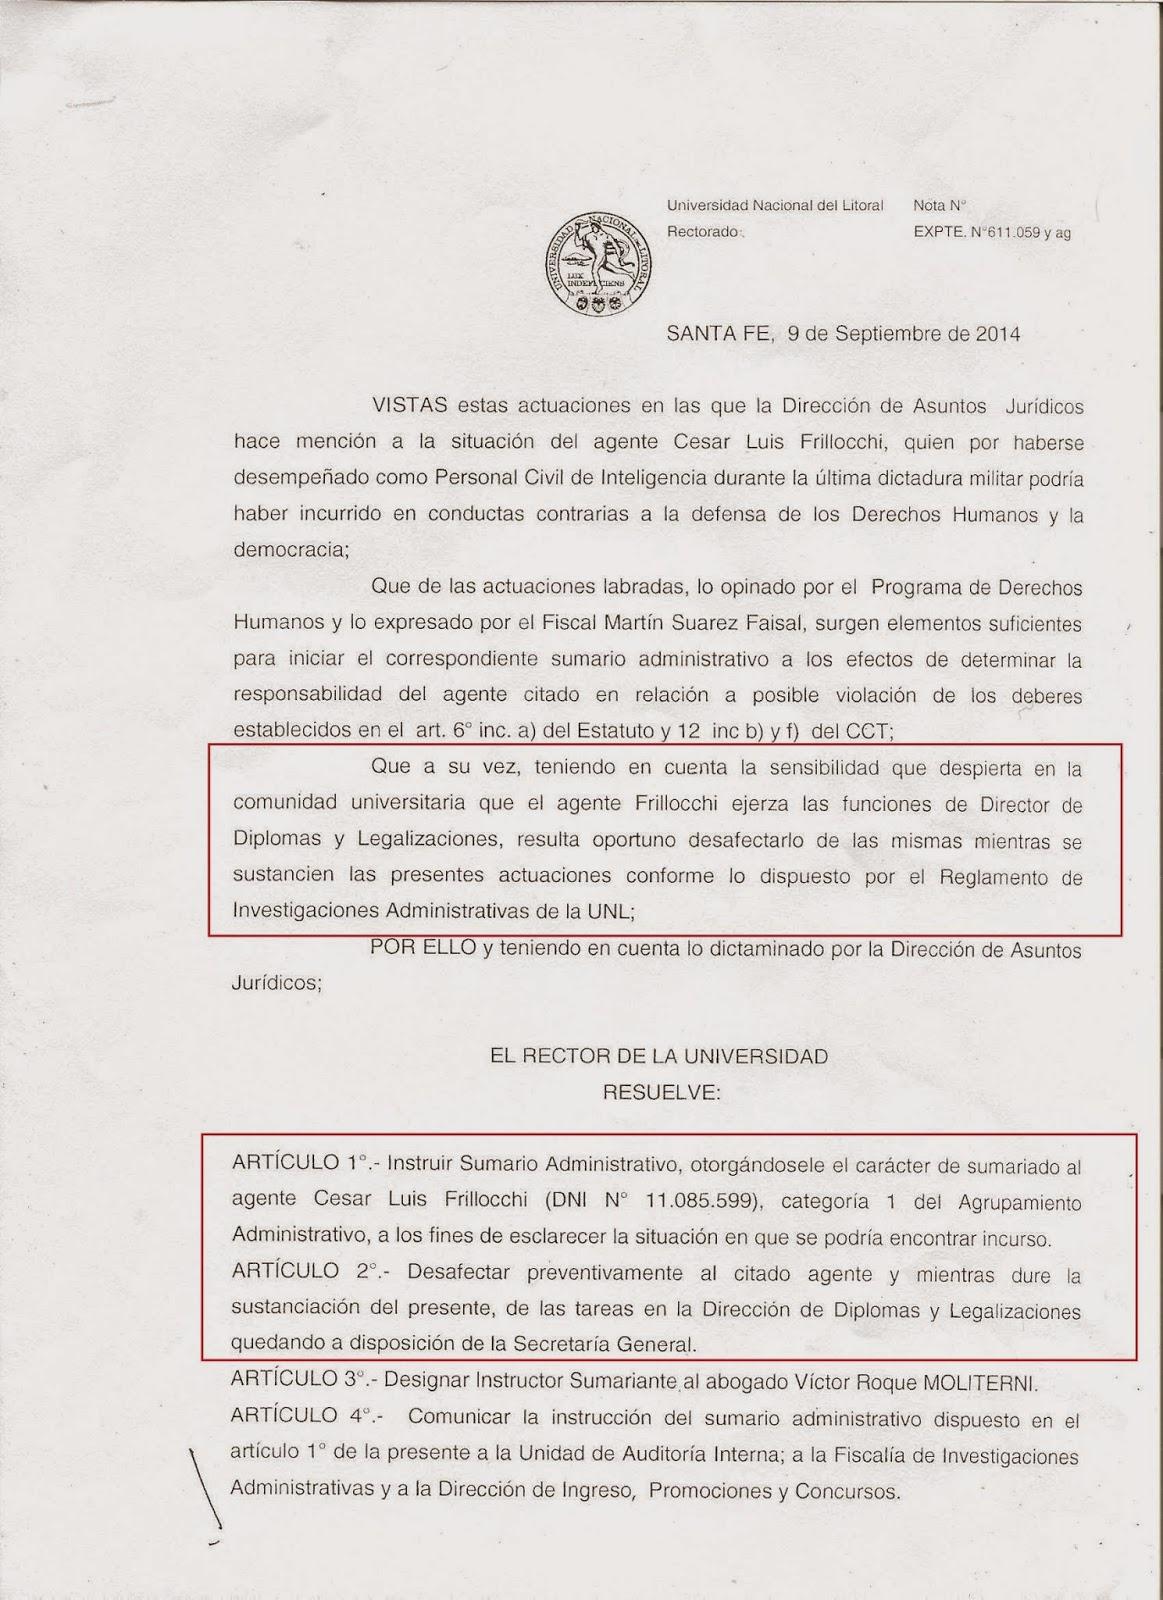 La resolución del rectorado de la UNL.